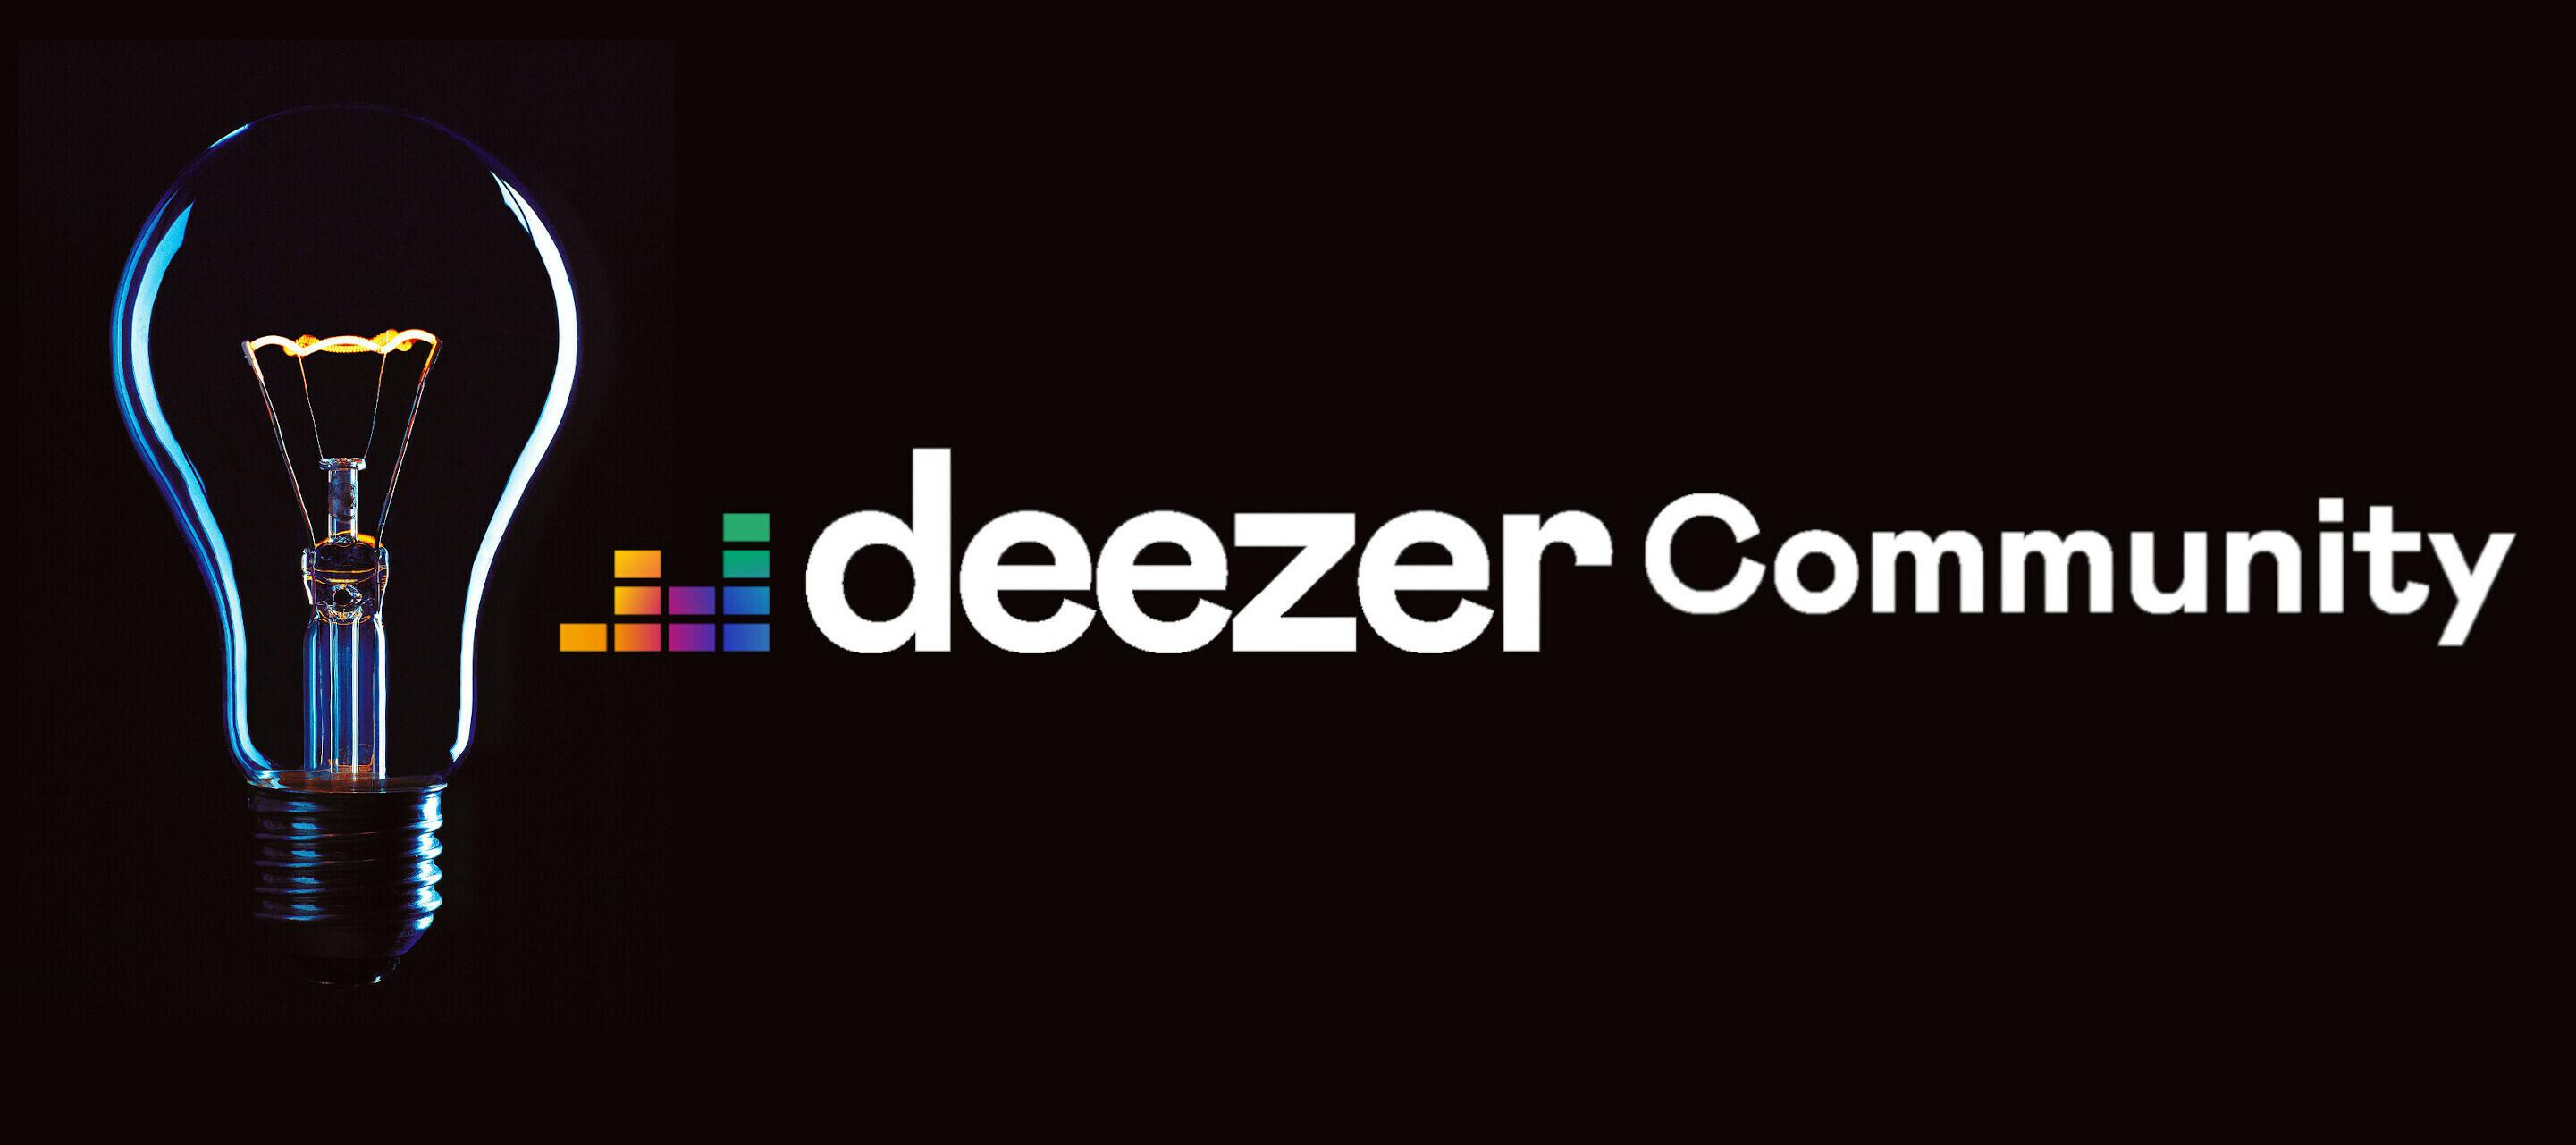 3 règles d'or pour partager votre idée sur la Communauté Deezer !